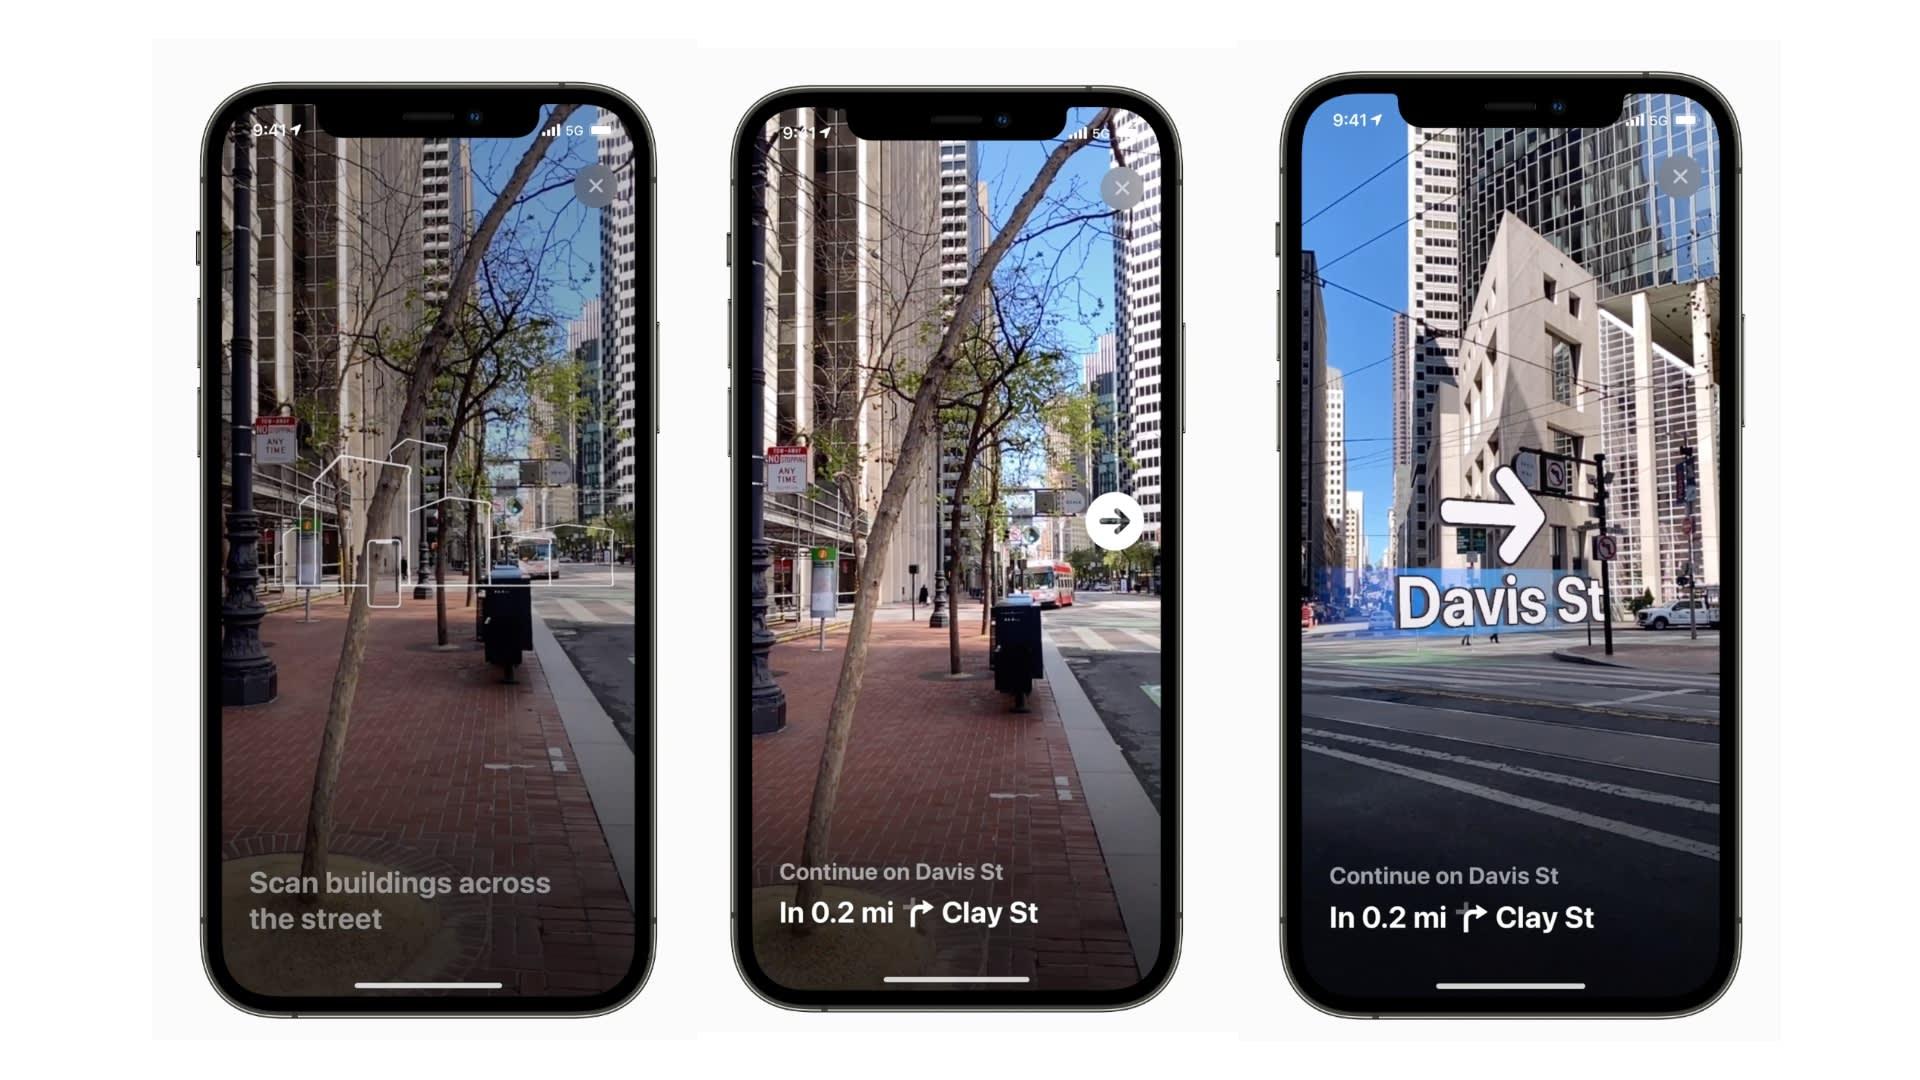 AR遗憾缺席苹果发布会 苹果的下一个将来何时到来?  ar技术 苹果发布会 ar眼镜 苹果公司 iphone 谷歌 苹果 第4张